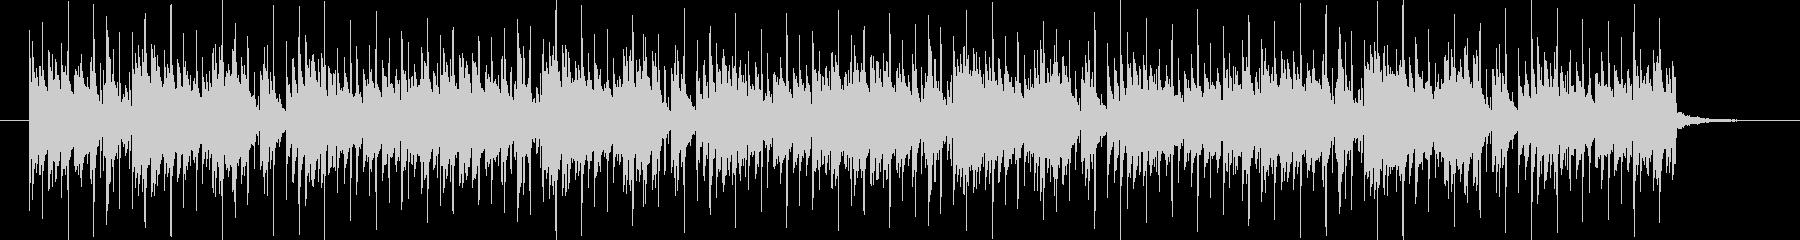 スピード感のある軽快なピアノBGMの未再生の波形